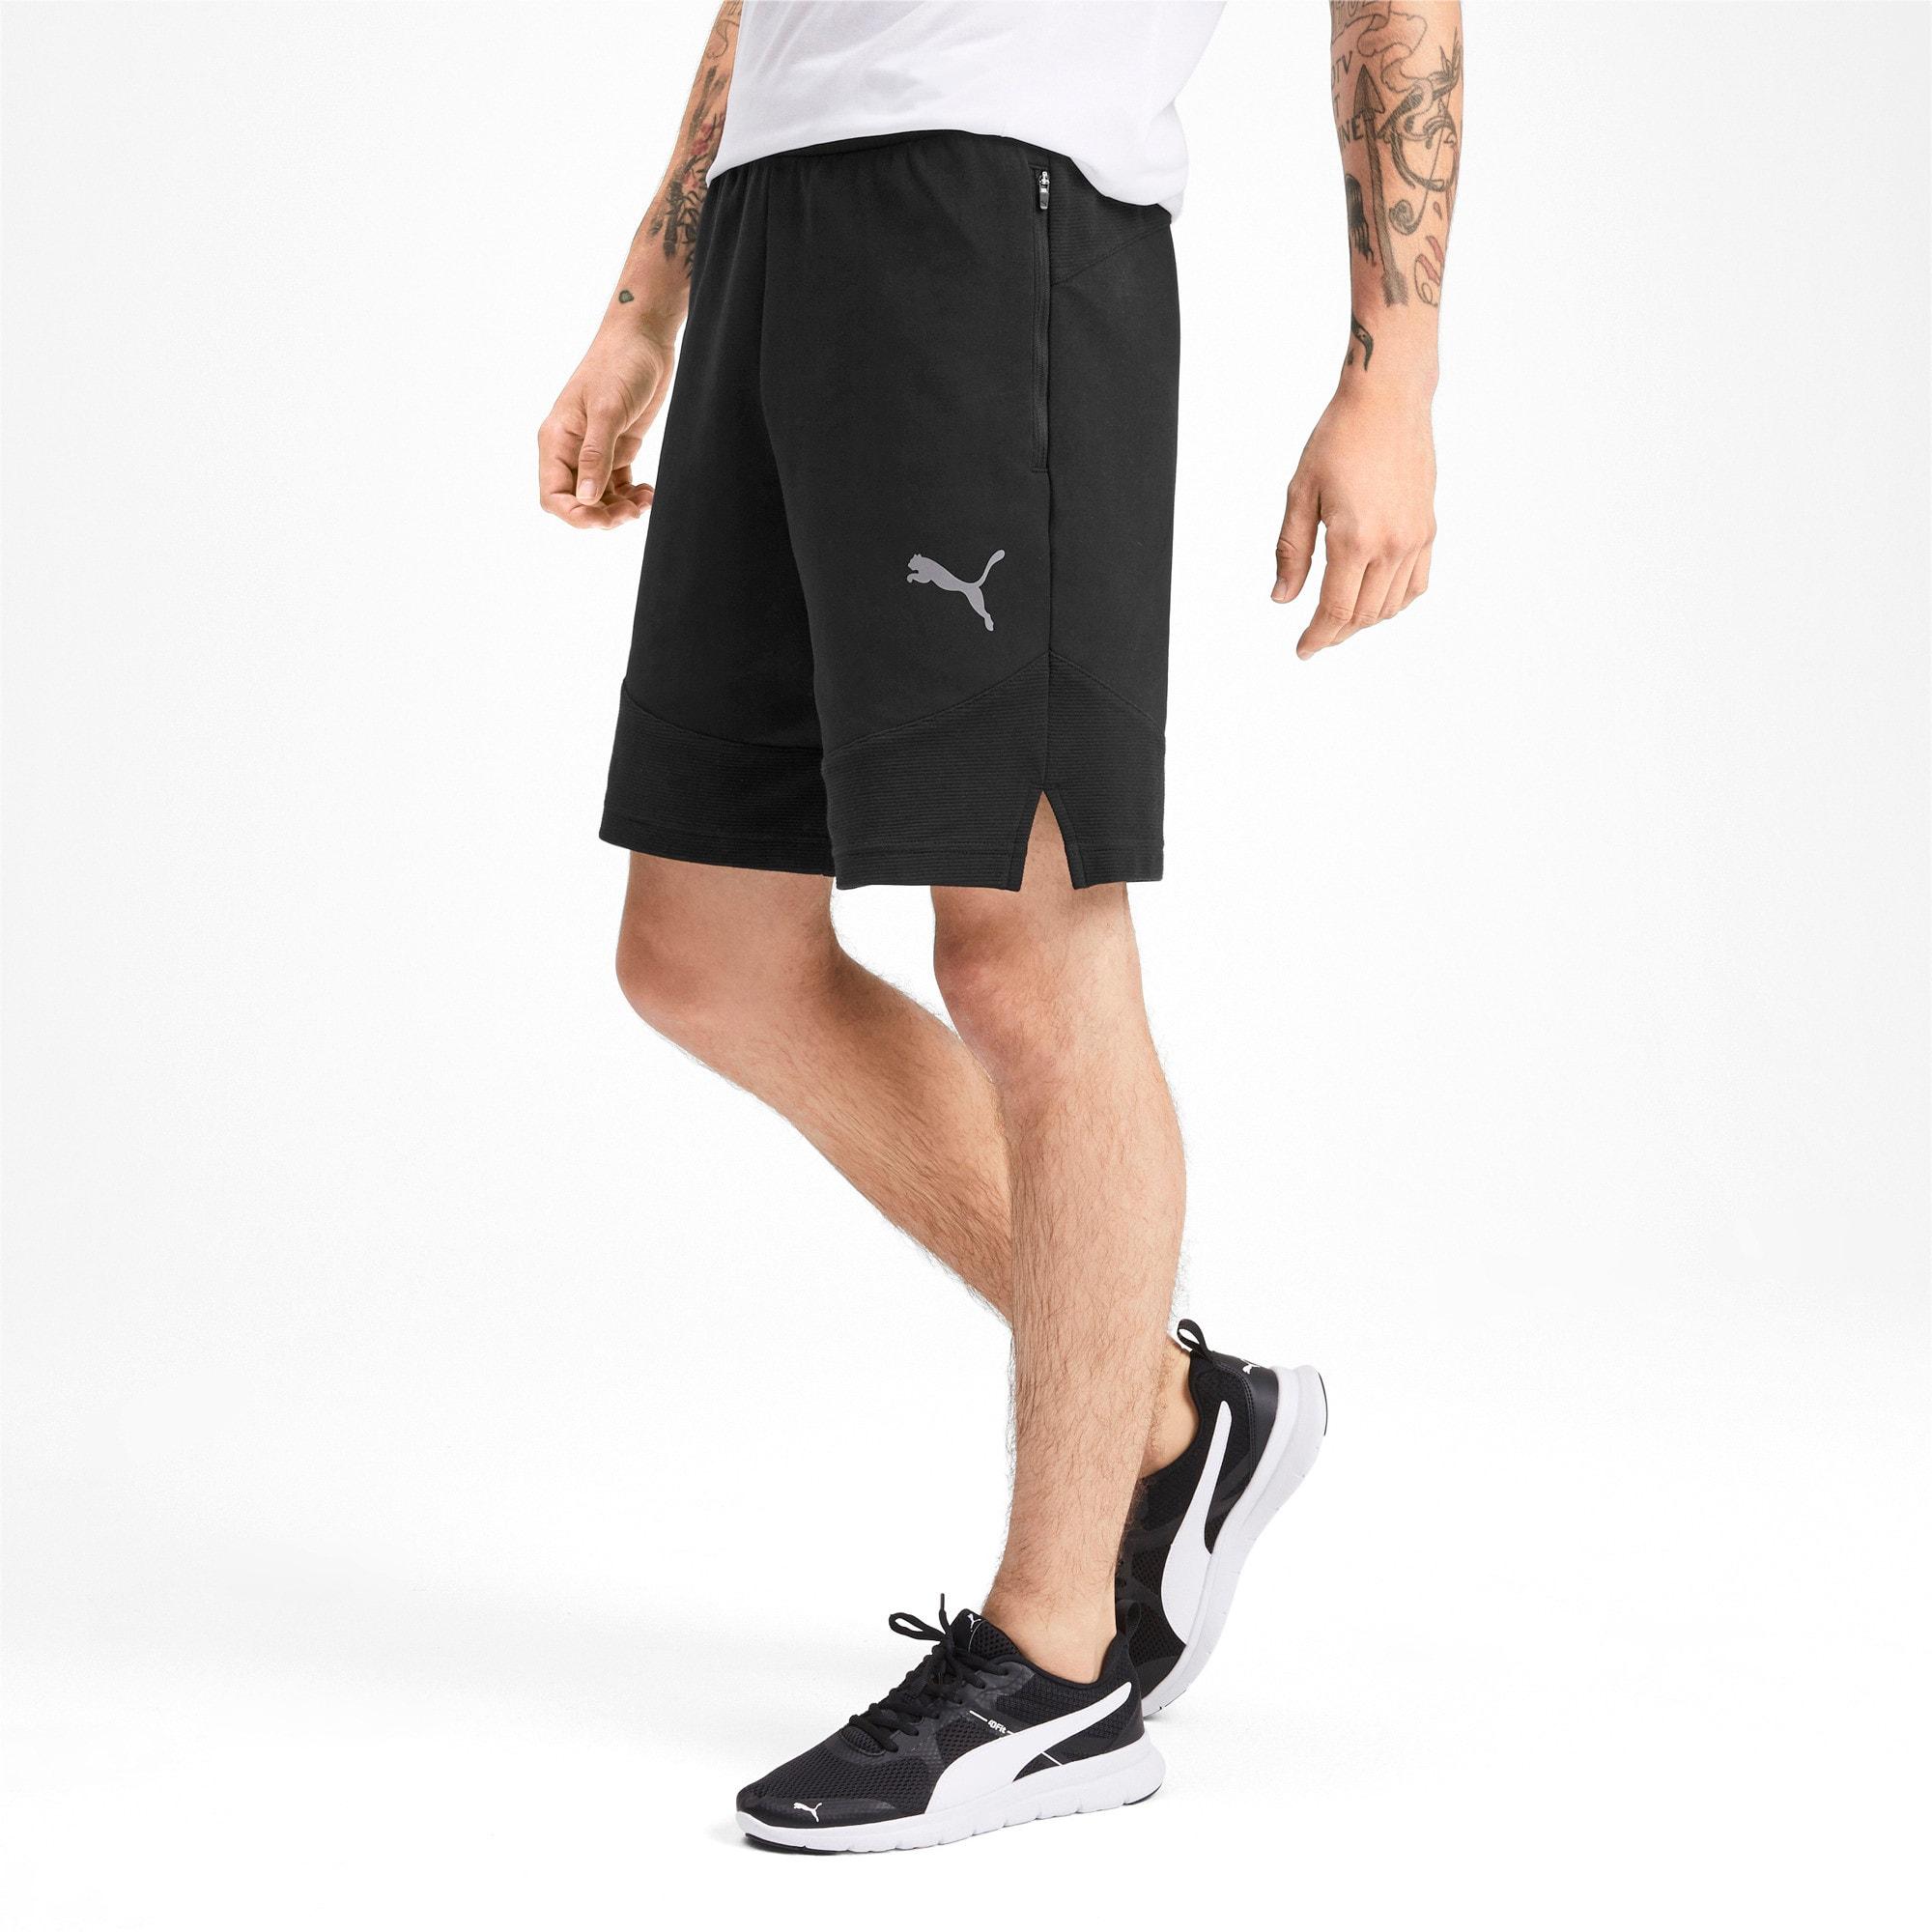 Thumbnail 1 of Evostripe Men's Shorts, Puma Black, medium